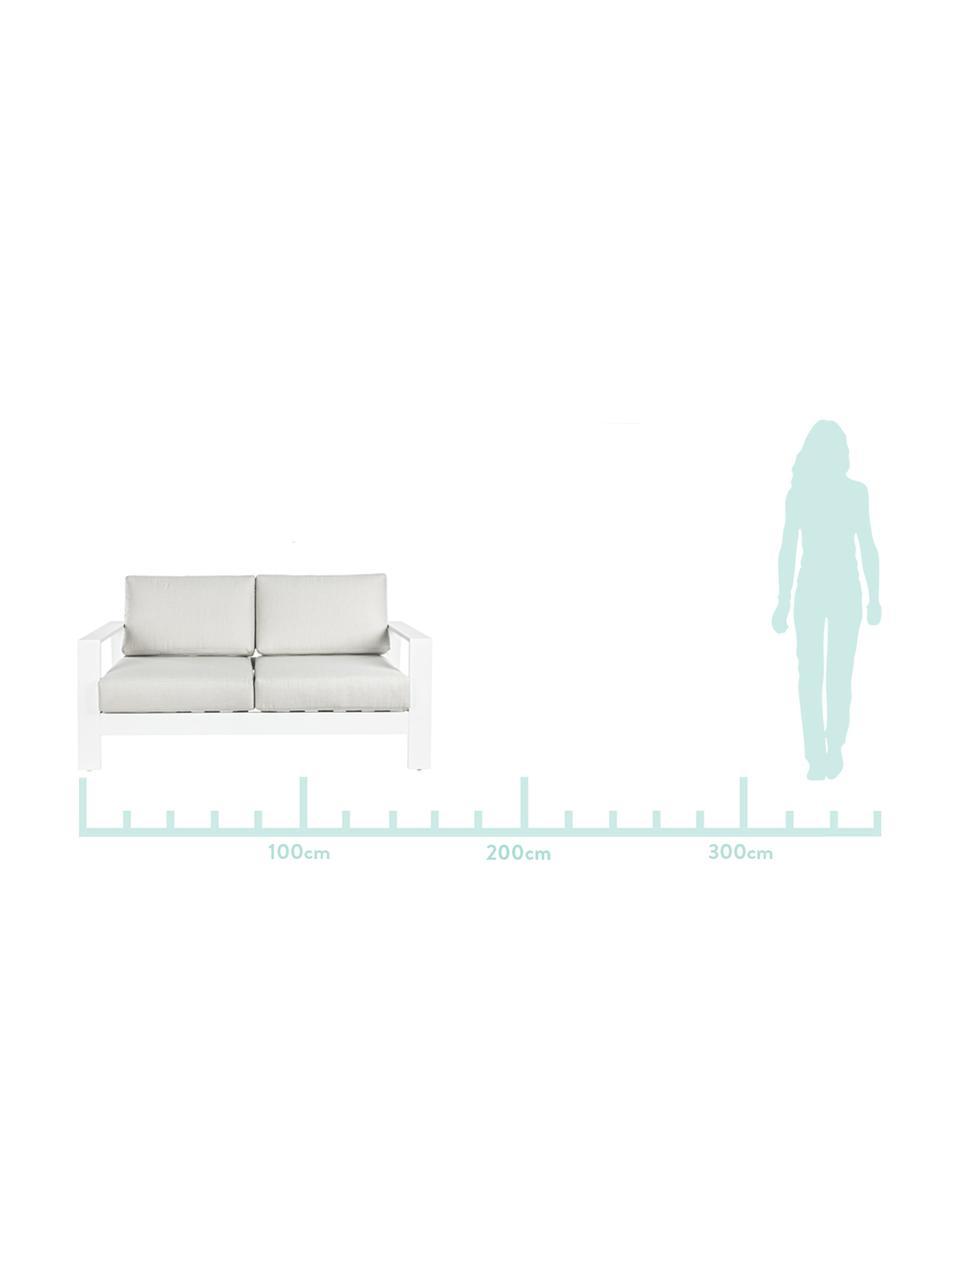 Outdoor loungeset Atlantic, 4-delig, Frame: gepoedercoat aluminium, Wit, lichtgrijs, Set met verschillende formaten